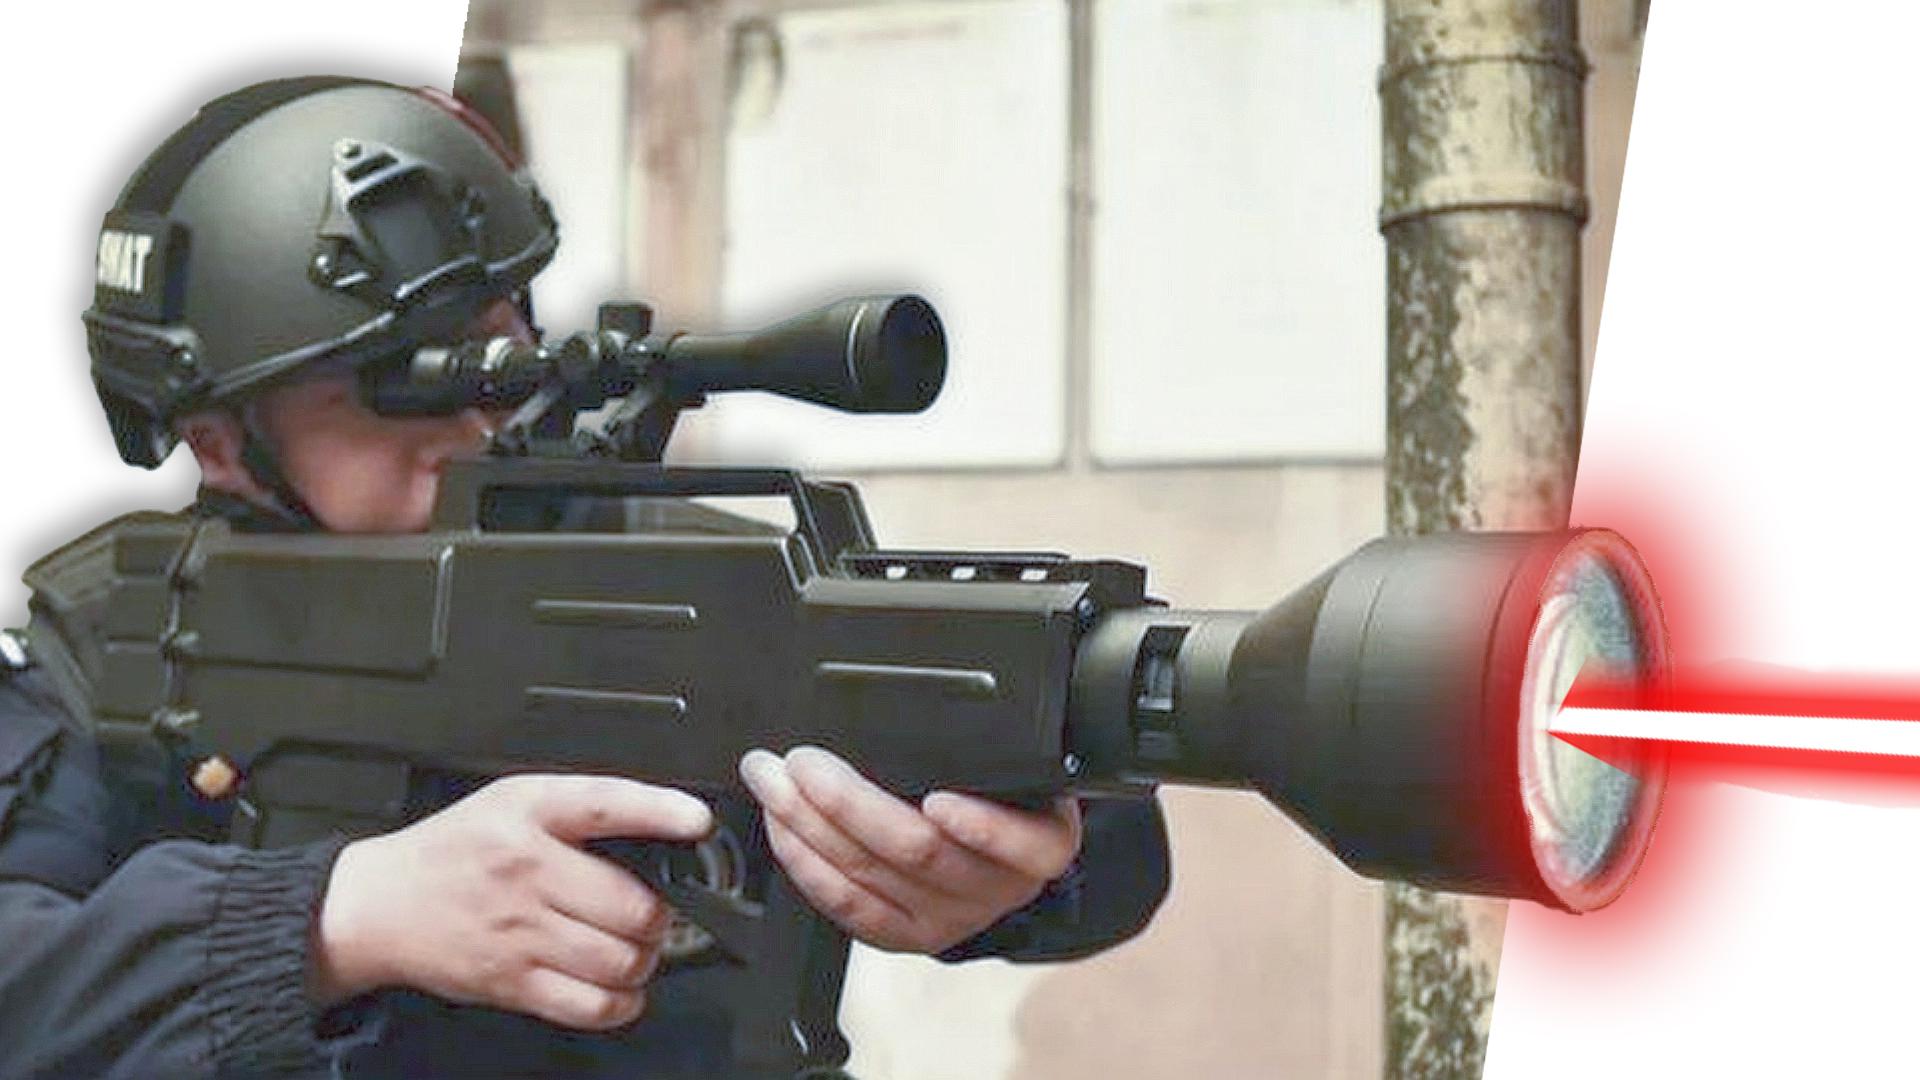 صورة الصين تخترع بندقية ليزر تصيب الهدف من 1000 متر وبدون ذخيرة